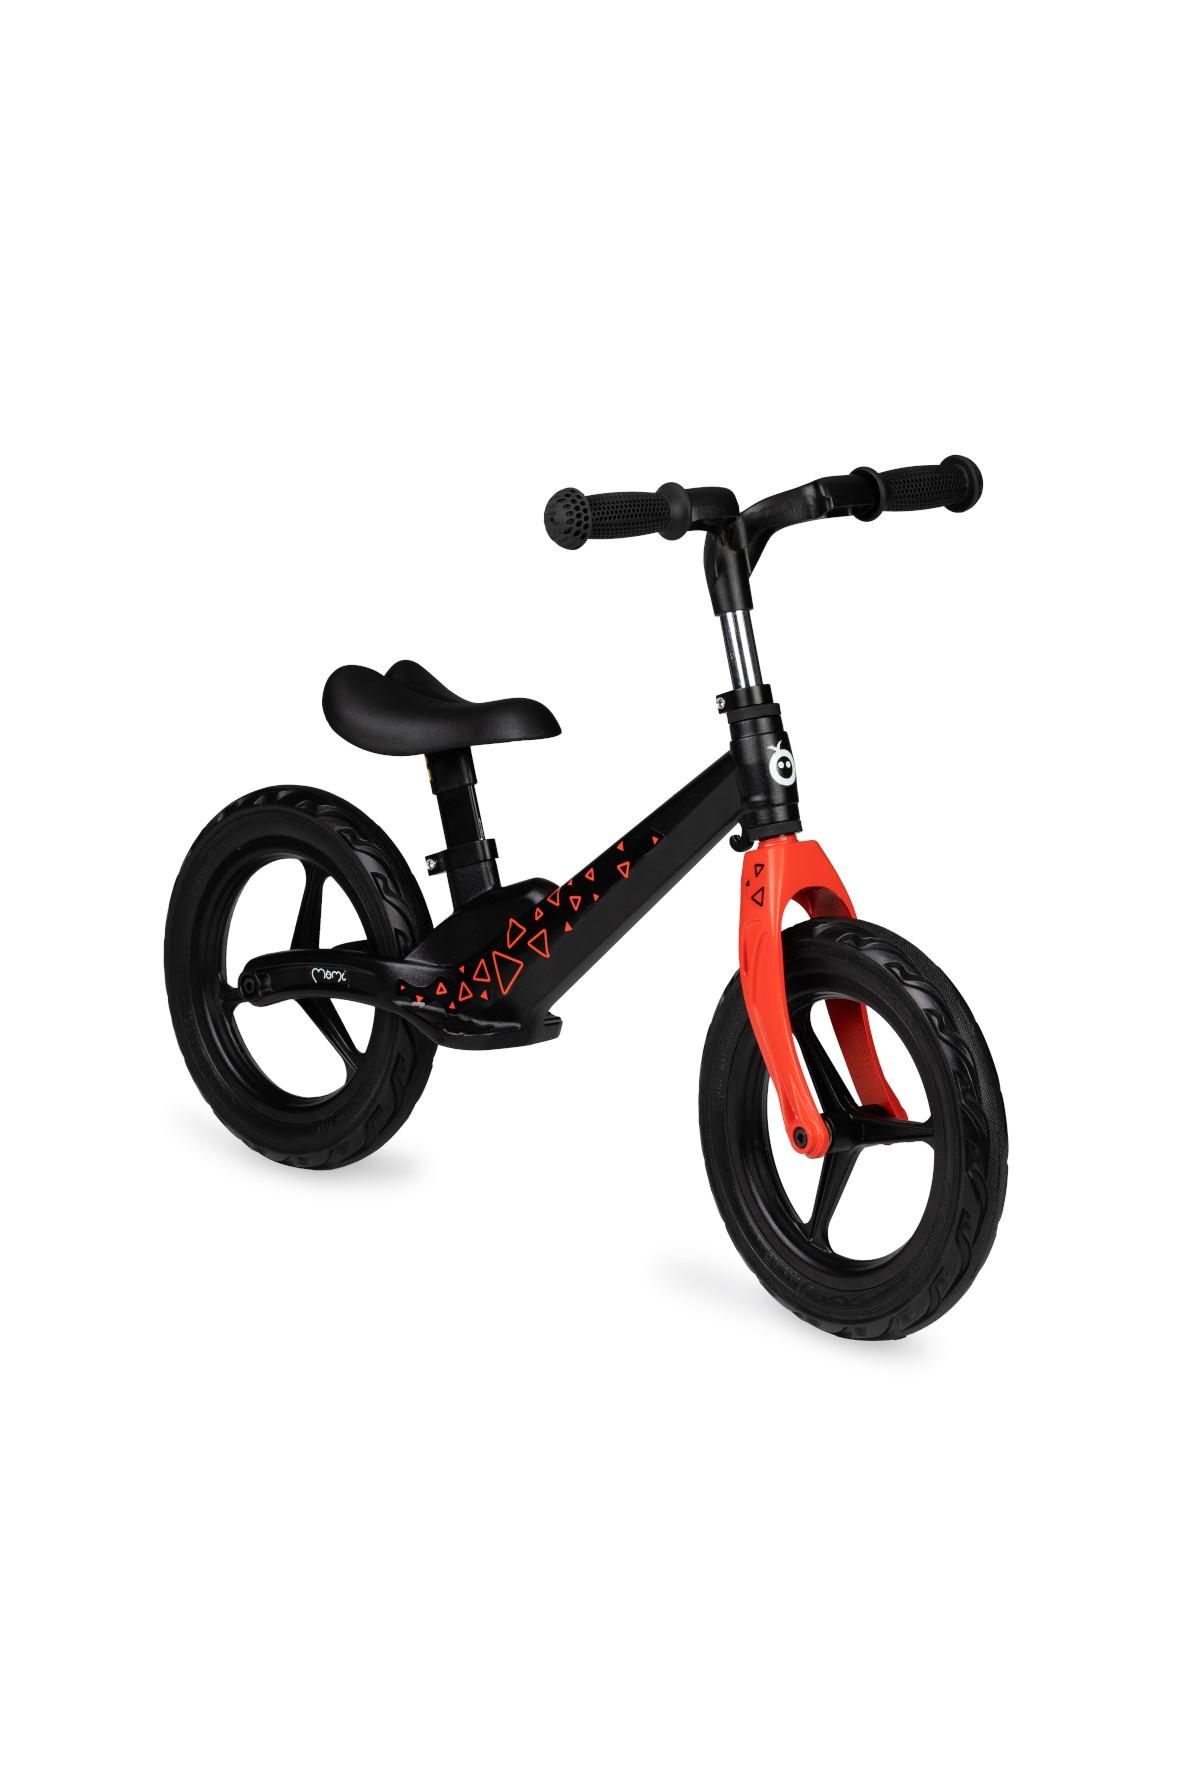 Ultralekki rowerek biegowy MoMi ULTI - czarny w trójkąty